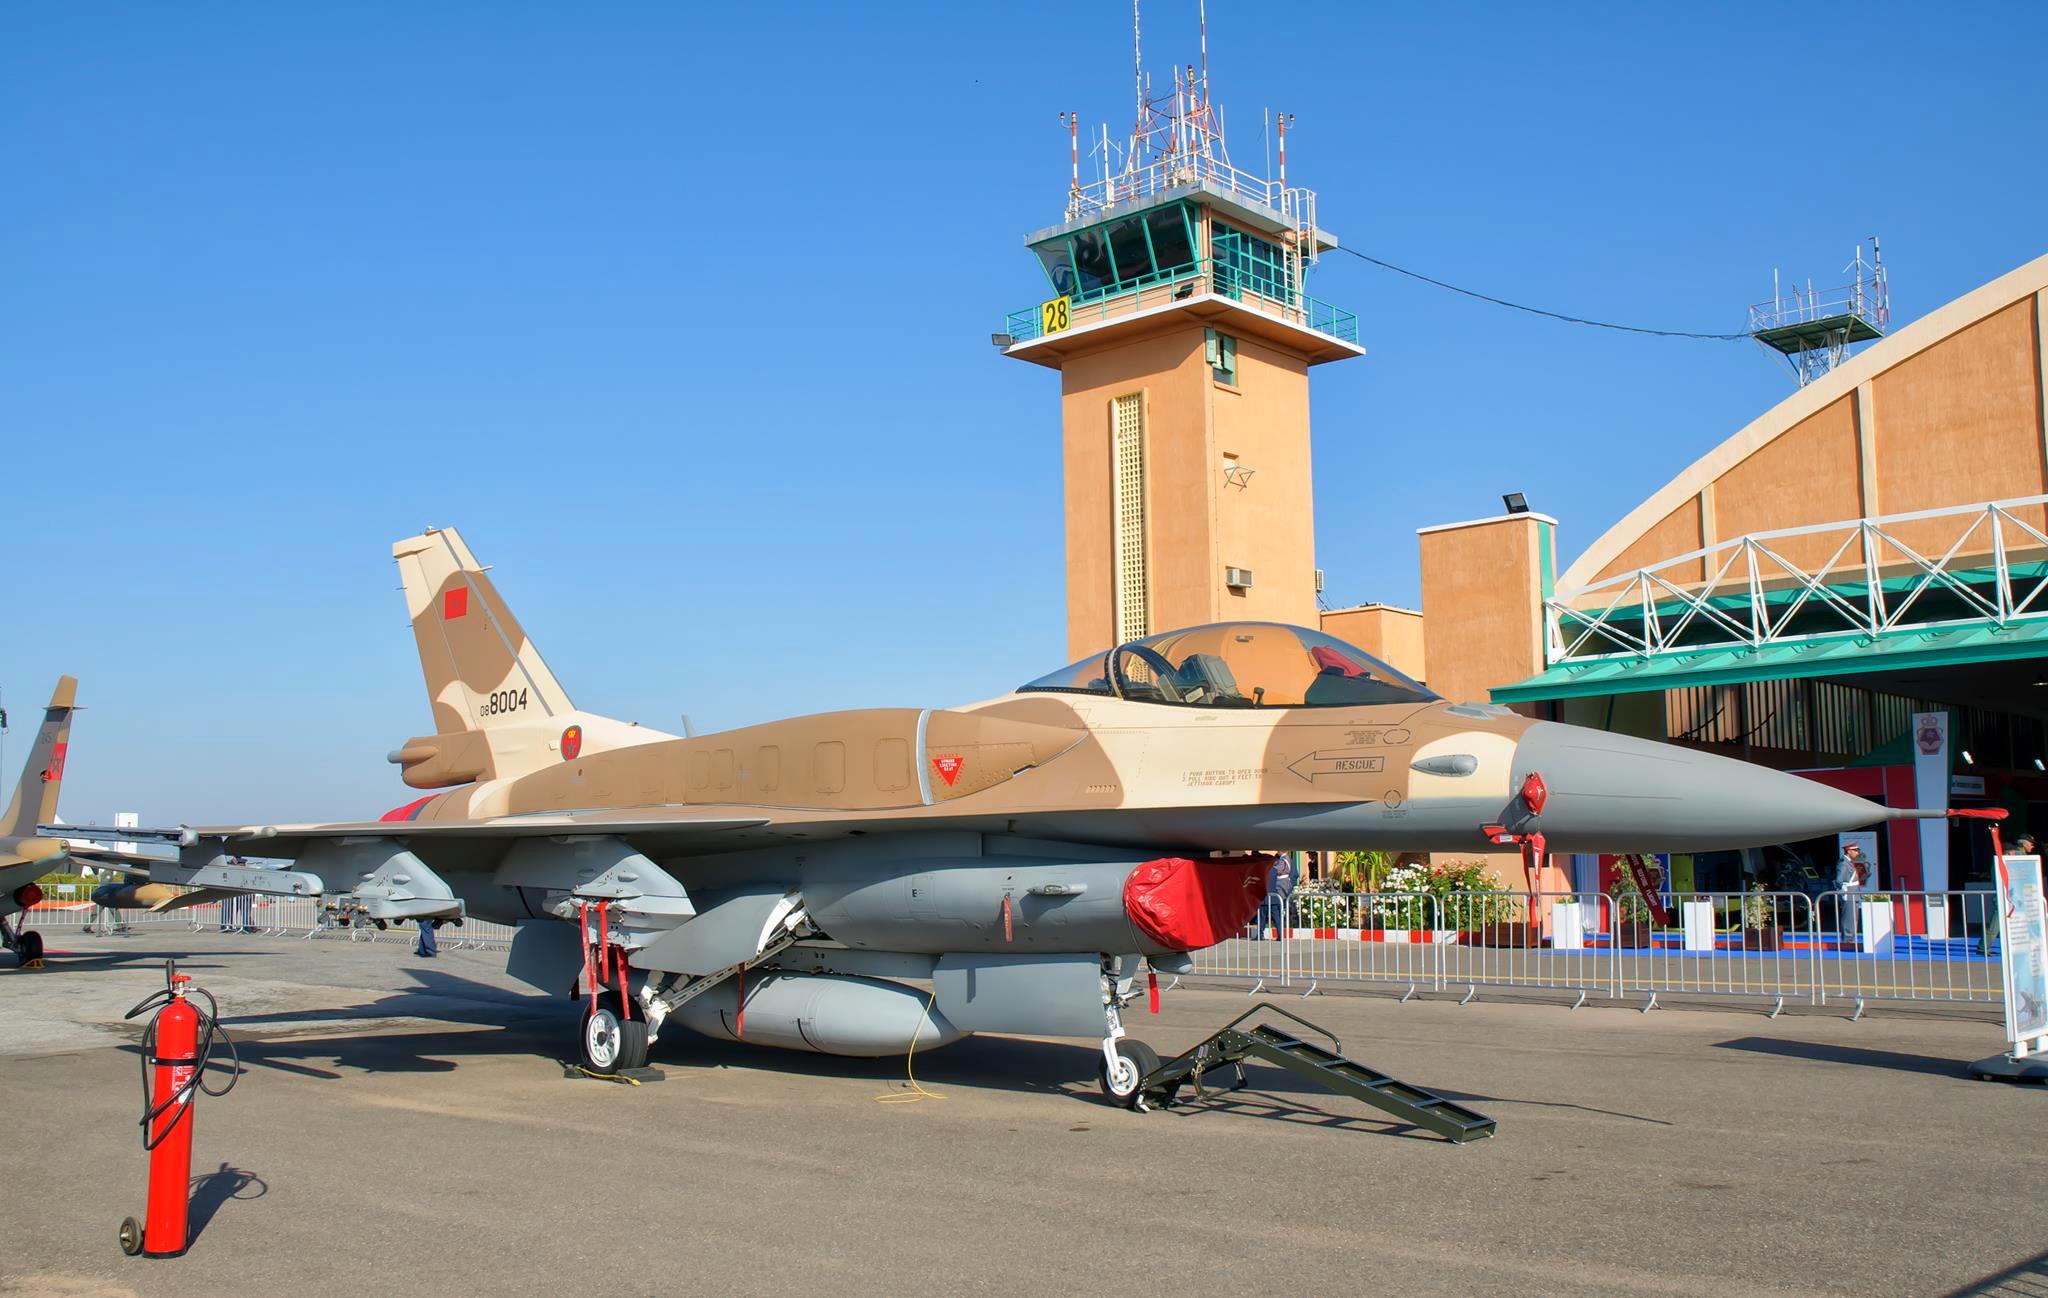 القوات الجوية الملكية المغربية - متجدد - - صفحة 2 160201071015267853